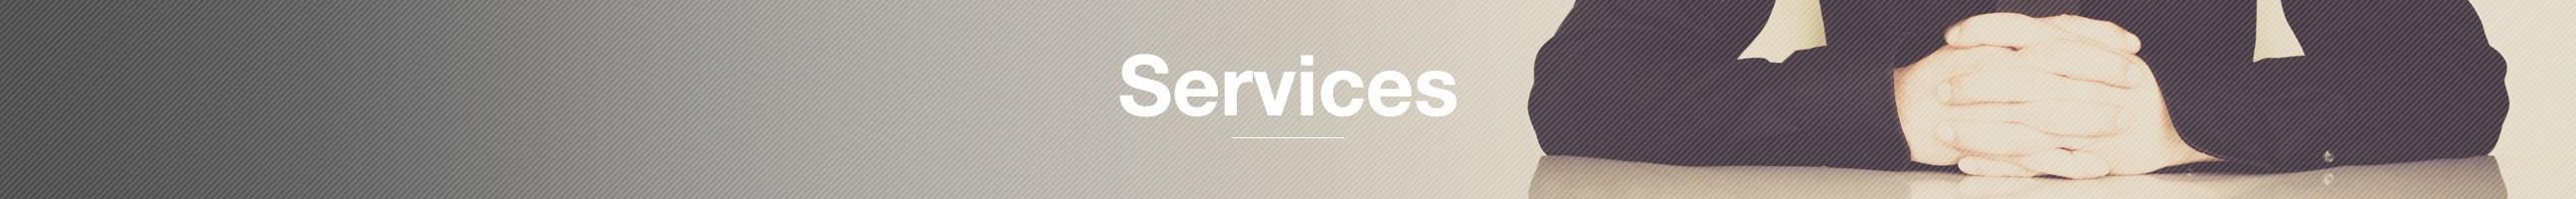 Bandeau-Services-v4